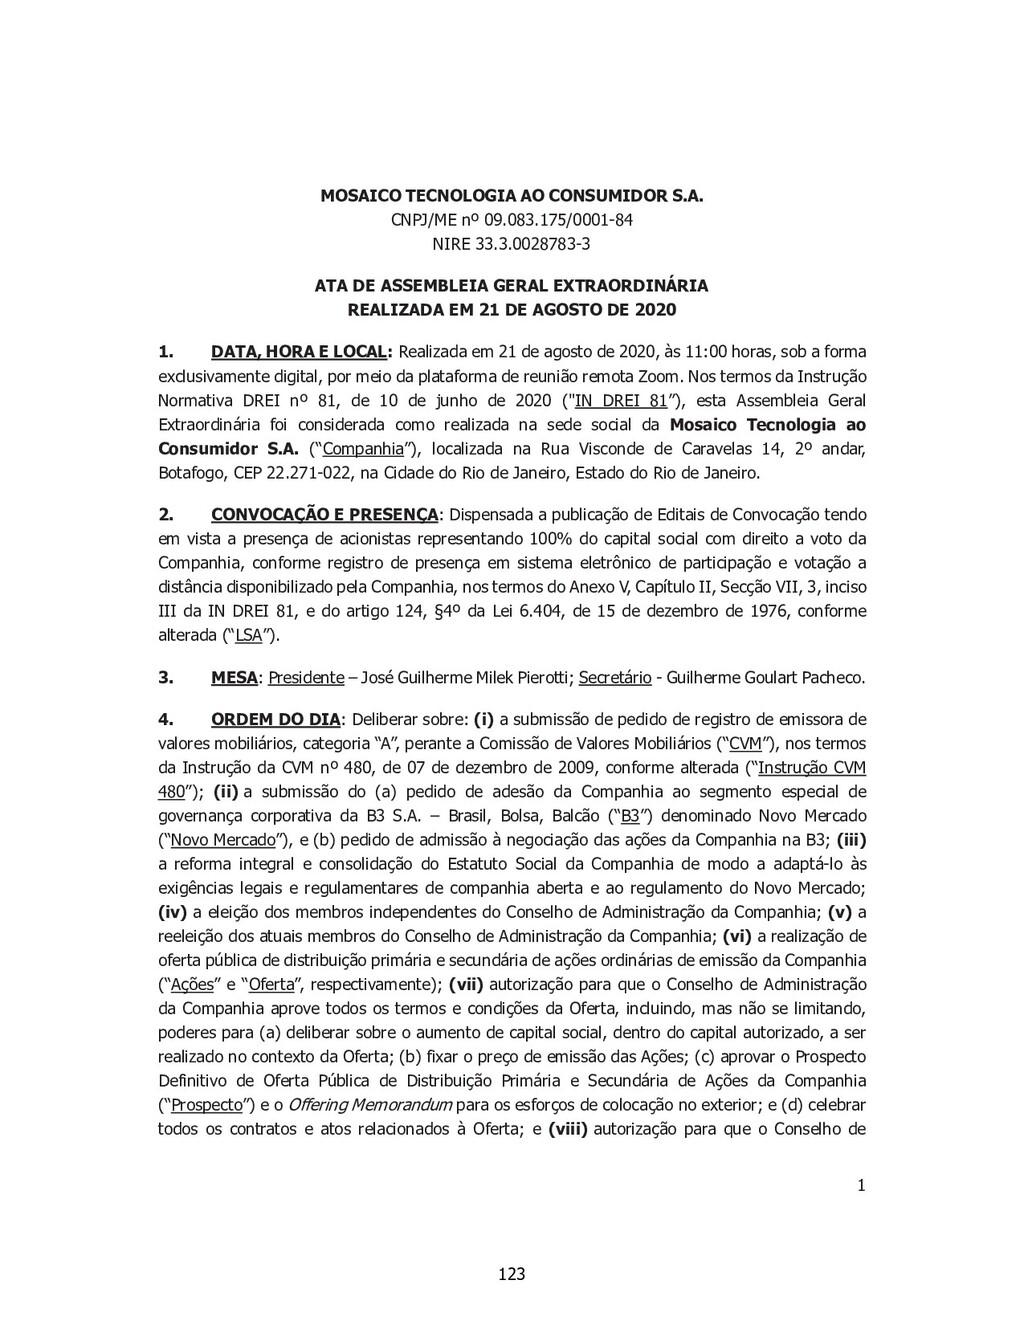 1 SP - 28518850v1 MOSAICO TECNOLOGIA AO CONSUMI...